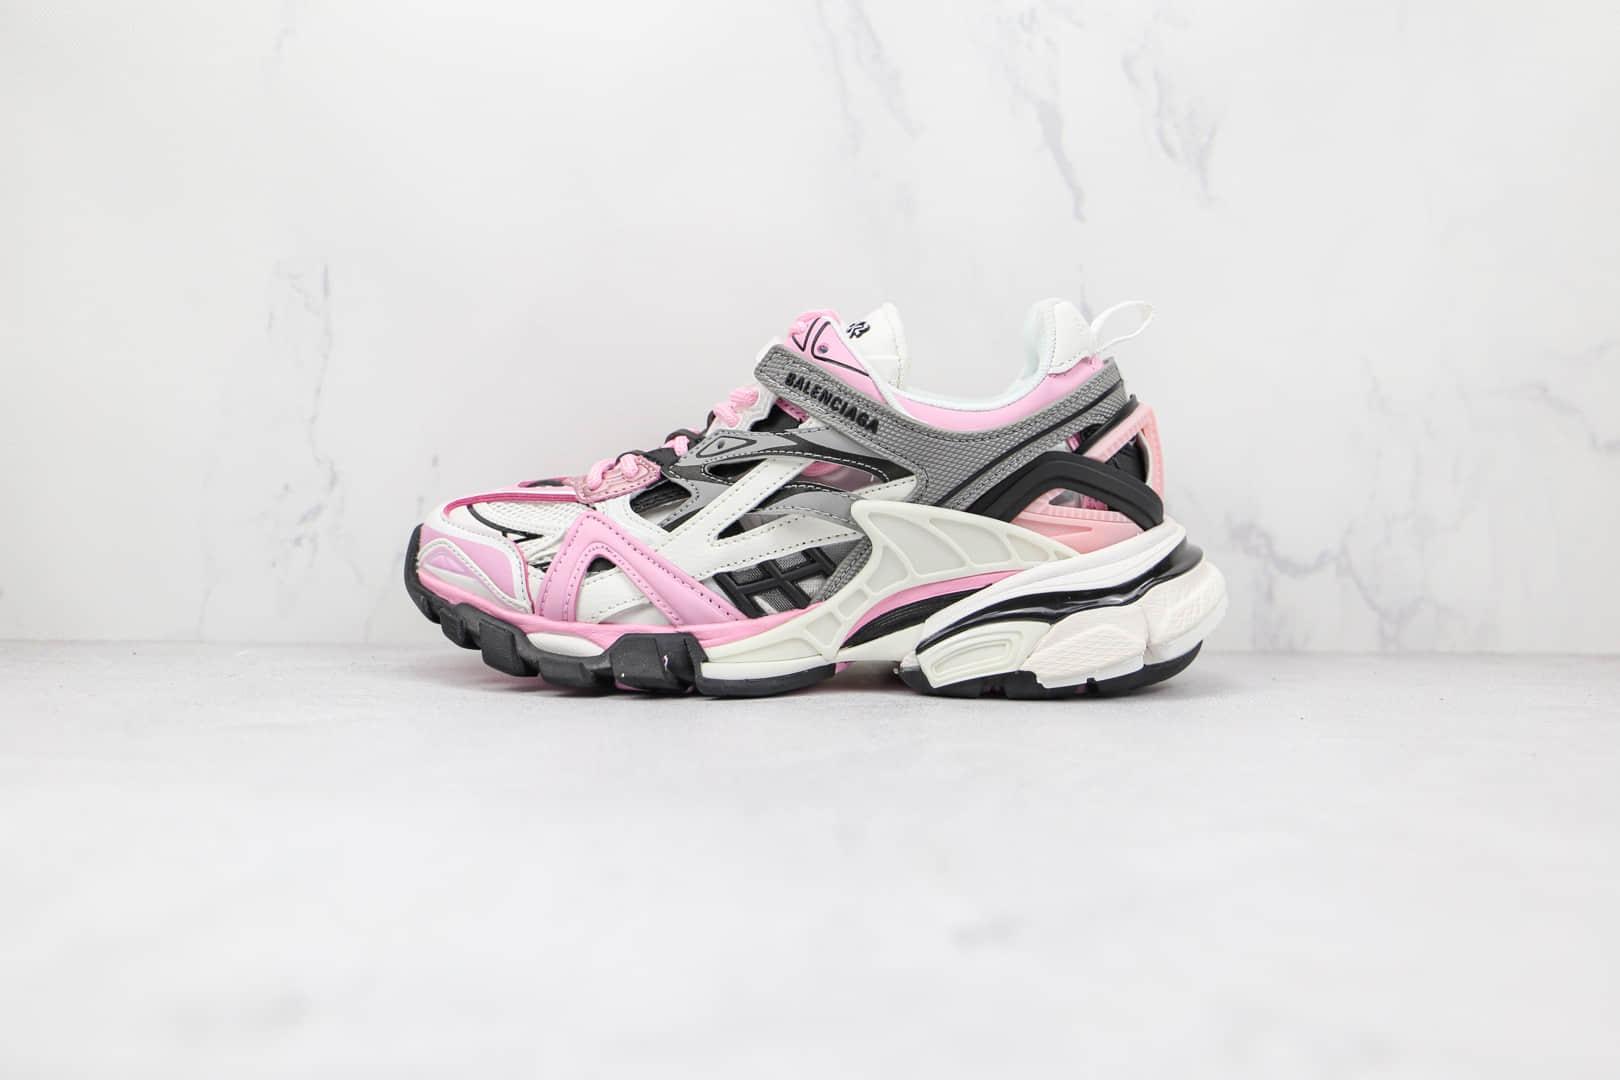 巴黎世家Balenciaga Track 4.0纯原版本白灰粉色复古老爹鞋原档案数据开发原盒原标